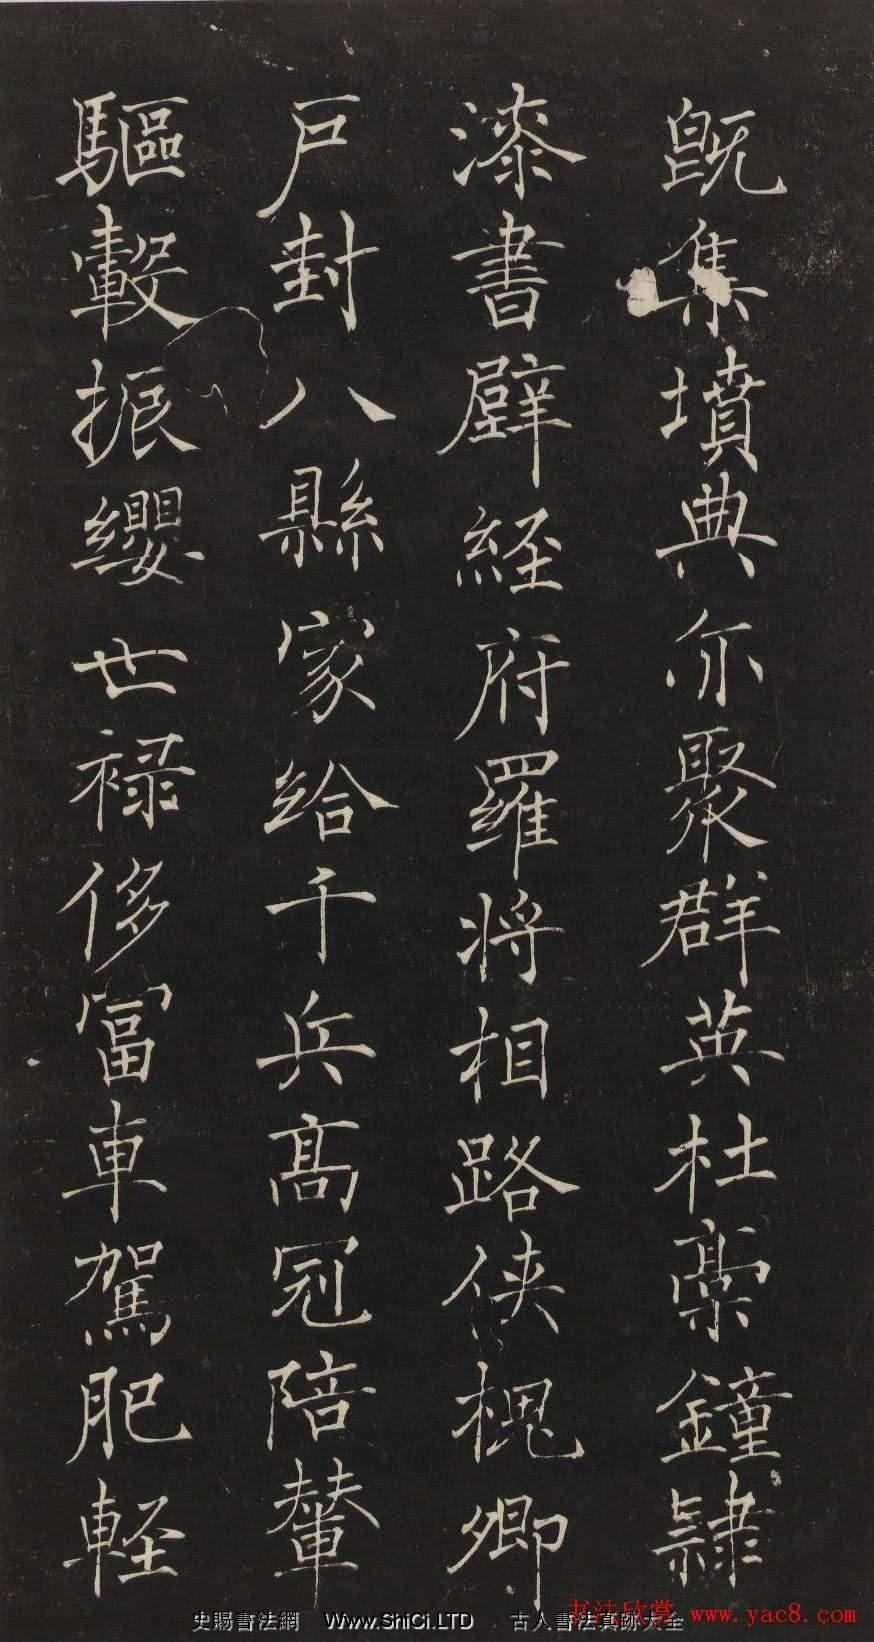 蓮池書院法帖第一冊《褚遂良千字文》